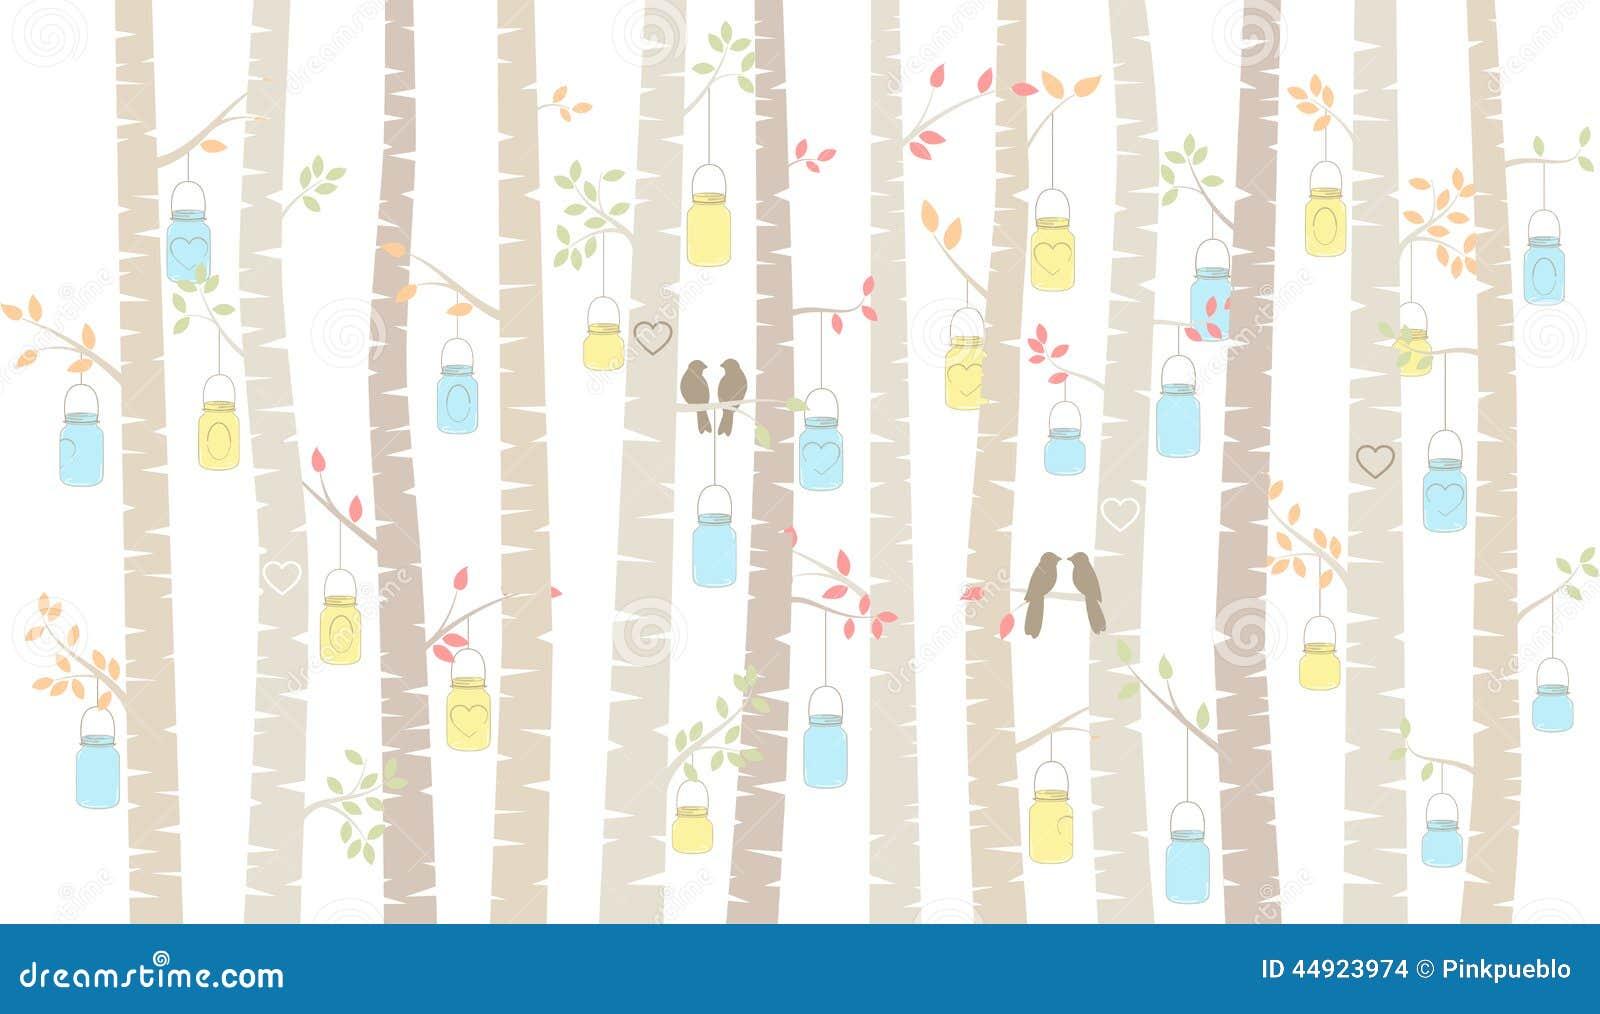 Vectorberk of Aspen Trees met het Hangen van Mason Jars en Liefdevogels